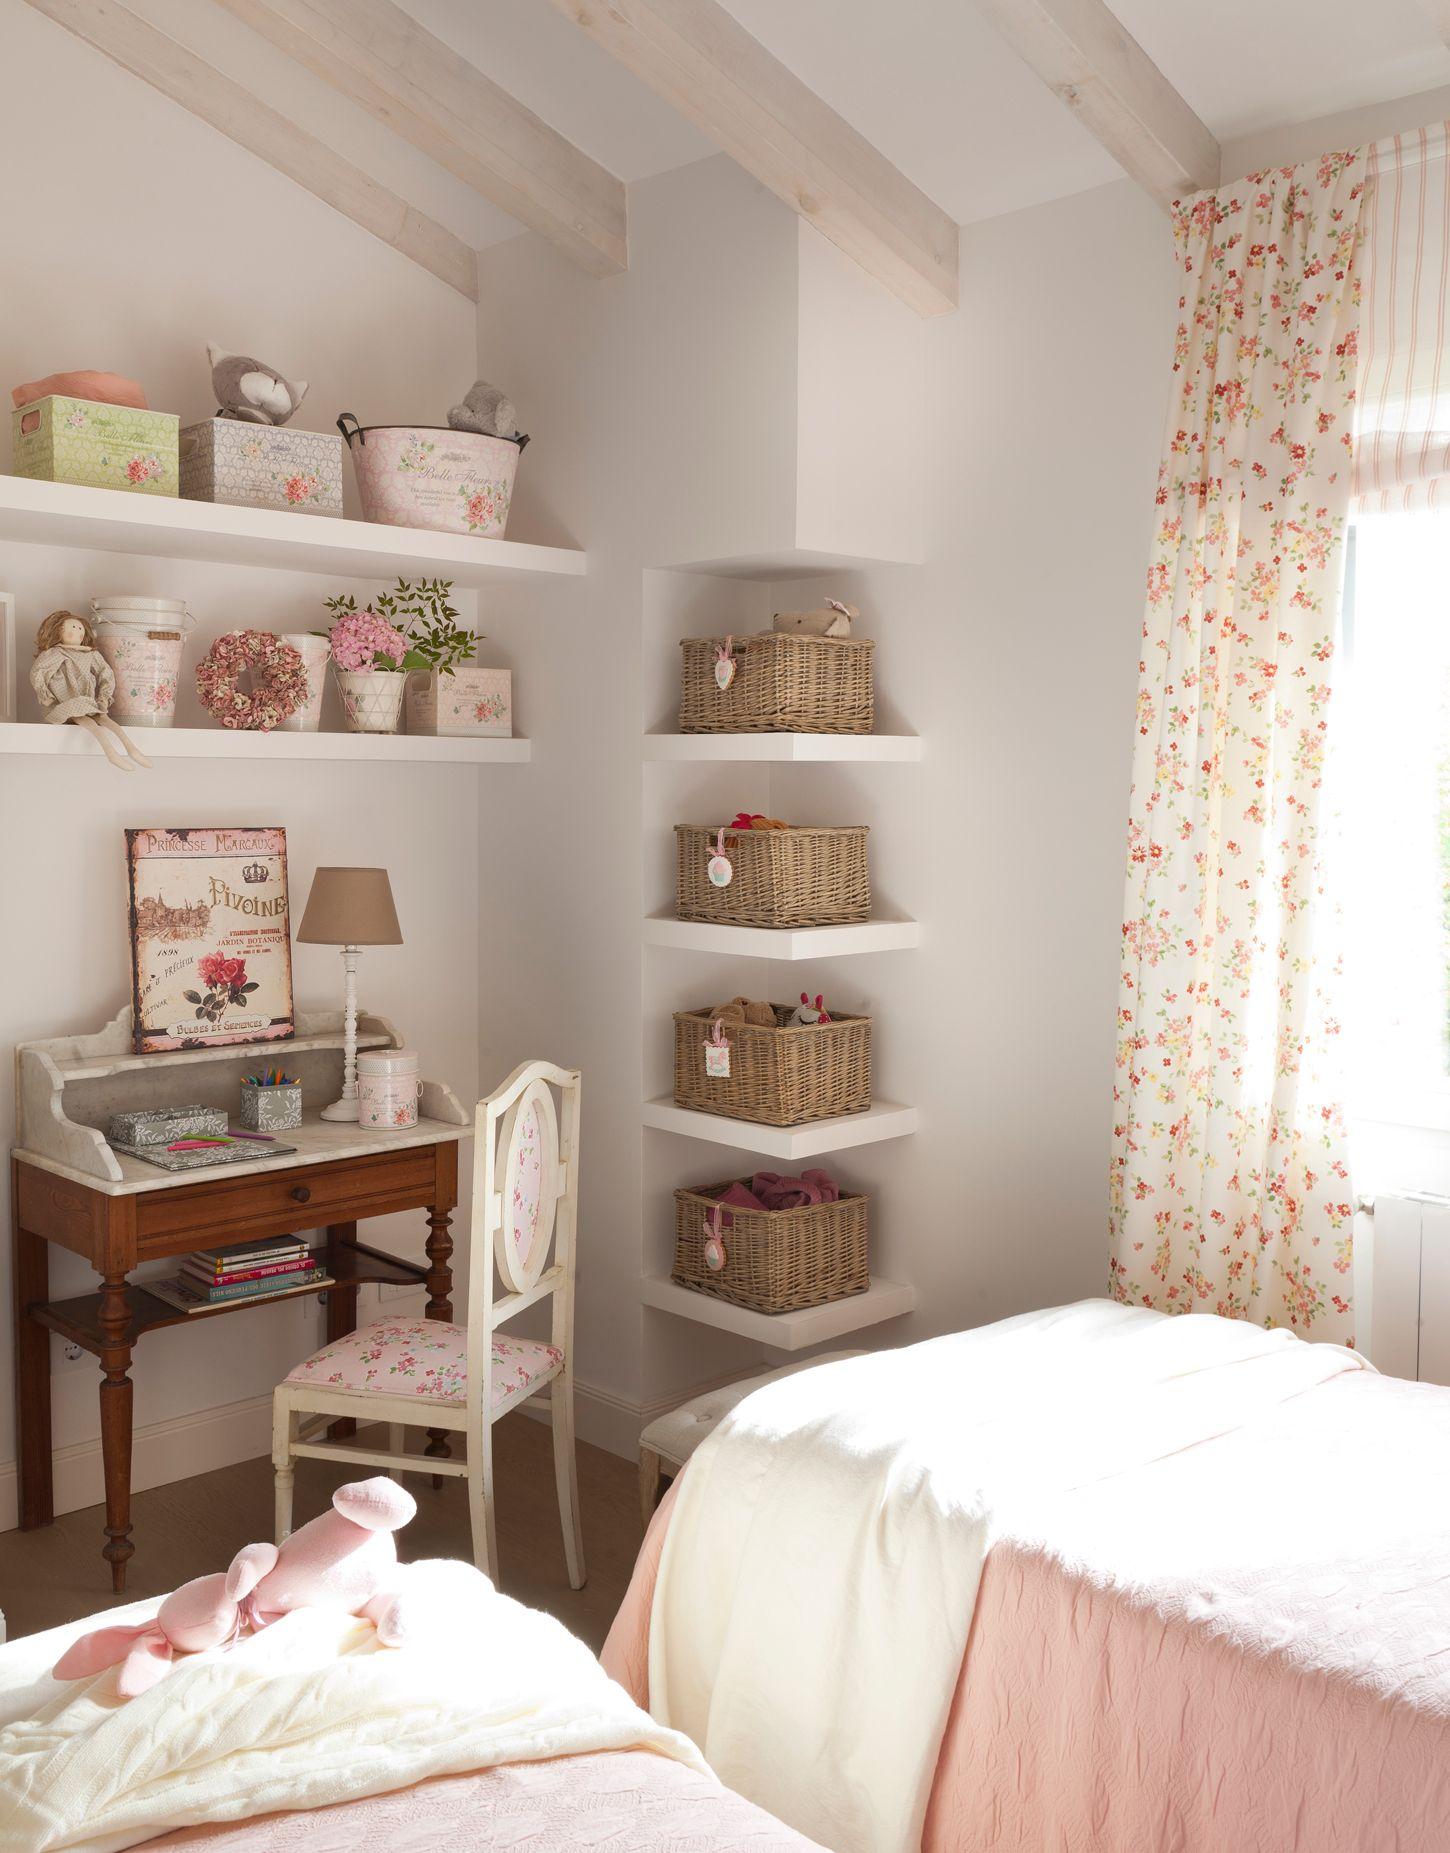 10 dormitorio infantil en tonos rosa con escritorio y - Dormitorio shabby chic ...